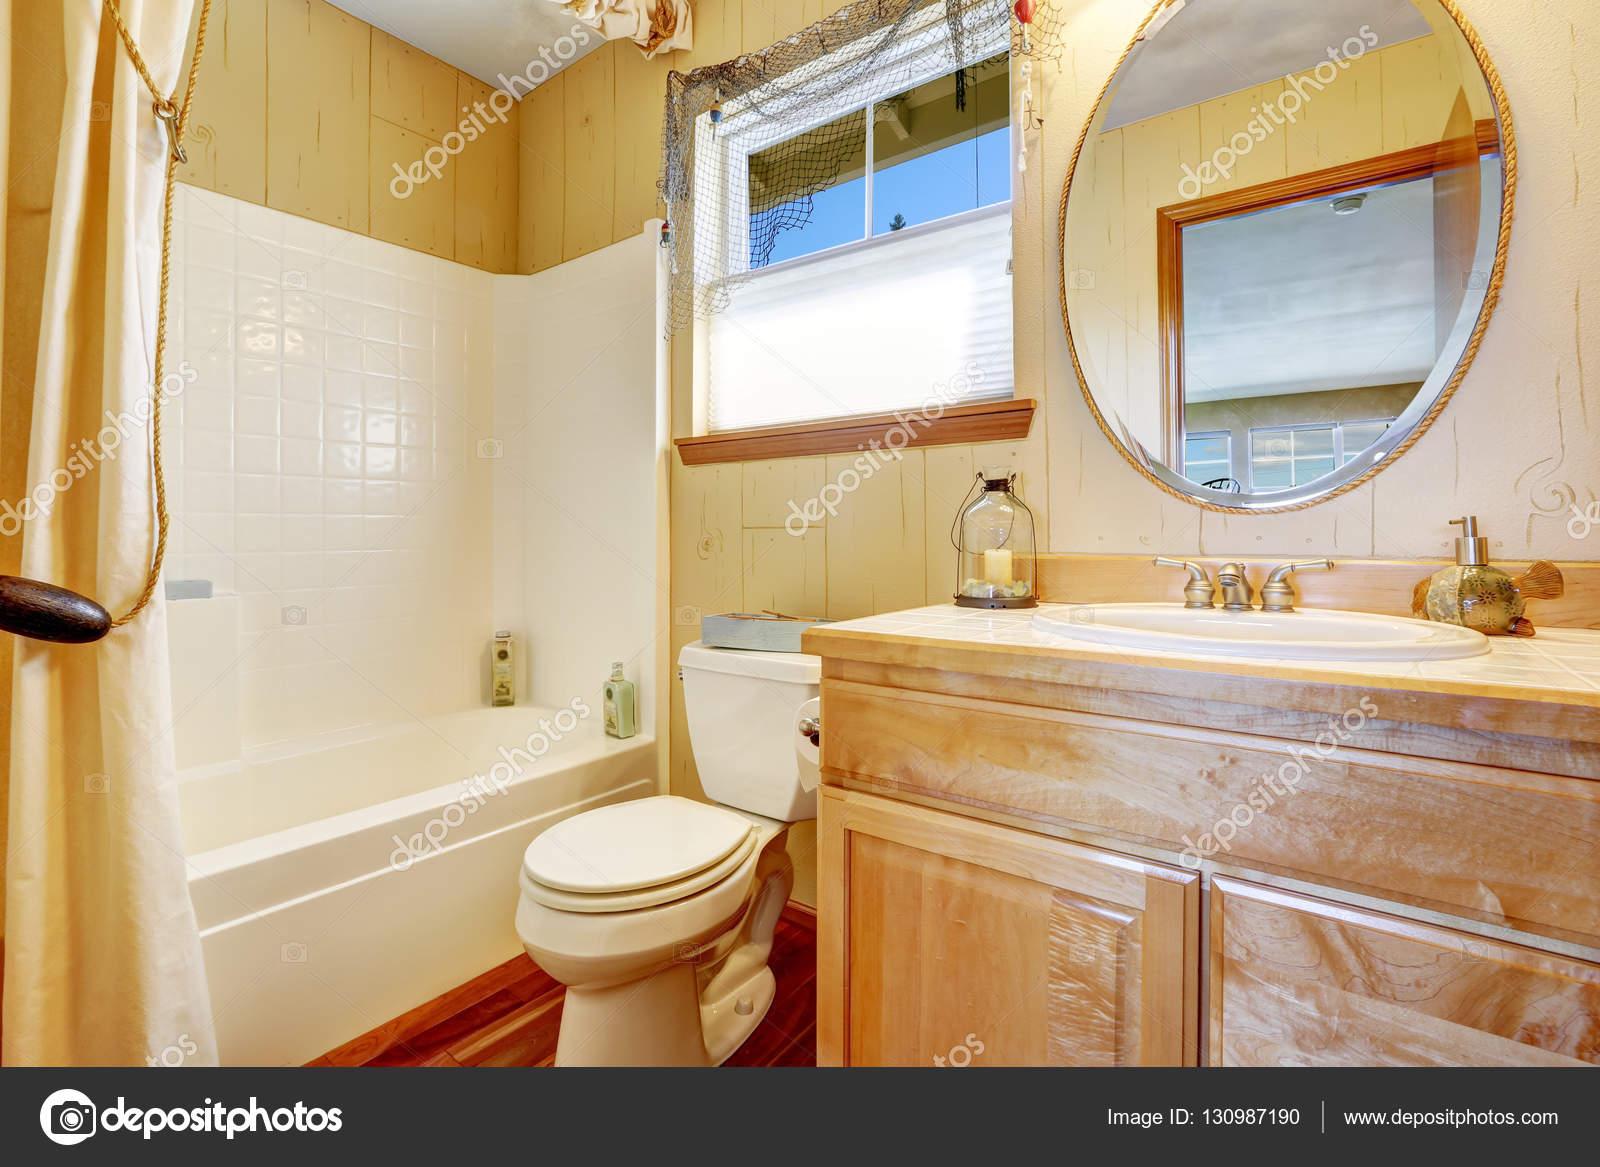 Wnętrze łazienki Styl Marine W żółtych Odcieniach Beżu